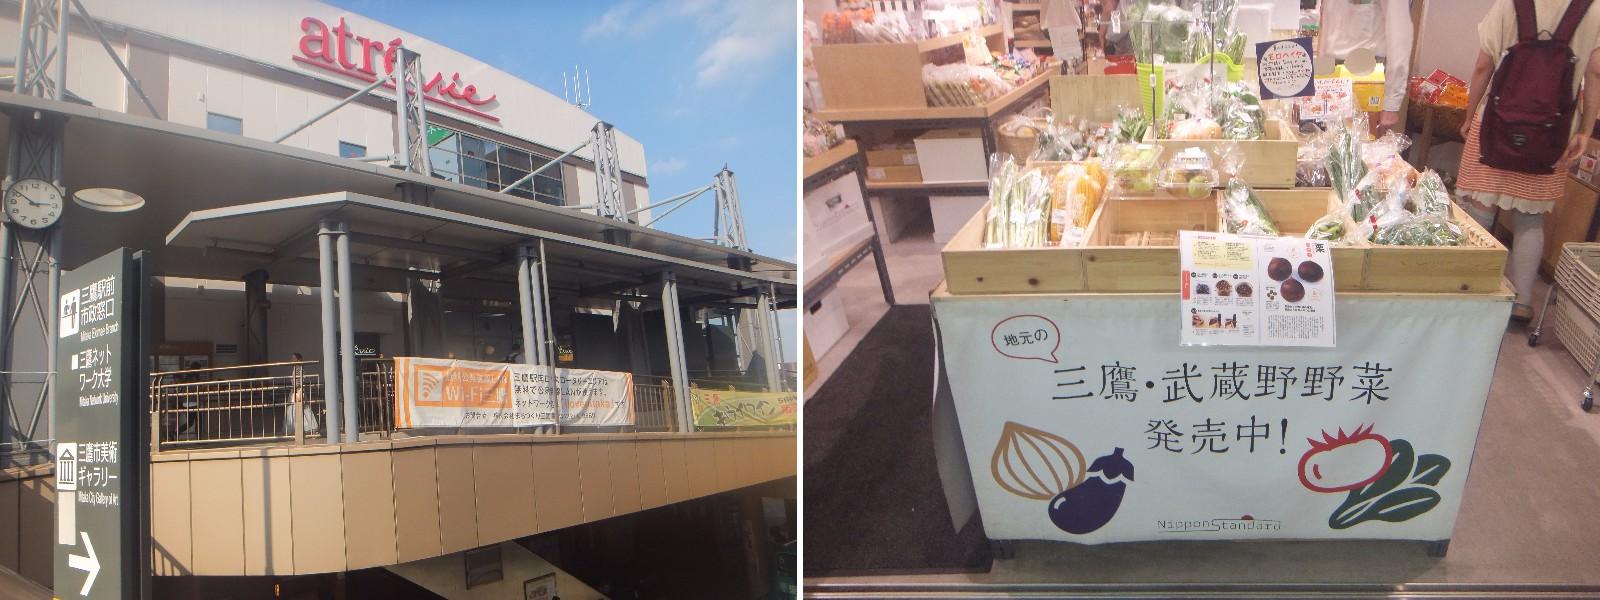 アトレヴィ三鷹、ニッポンスタンダードの野菜直売所